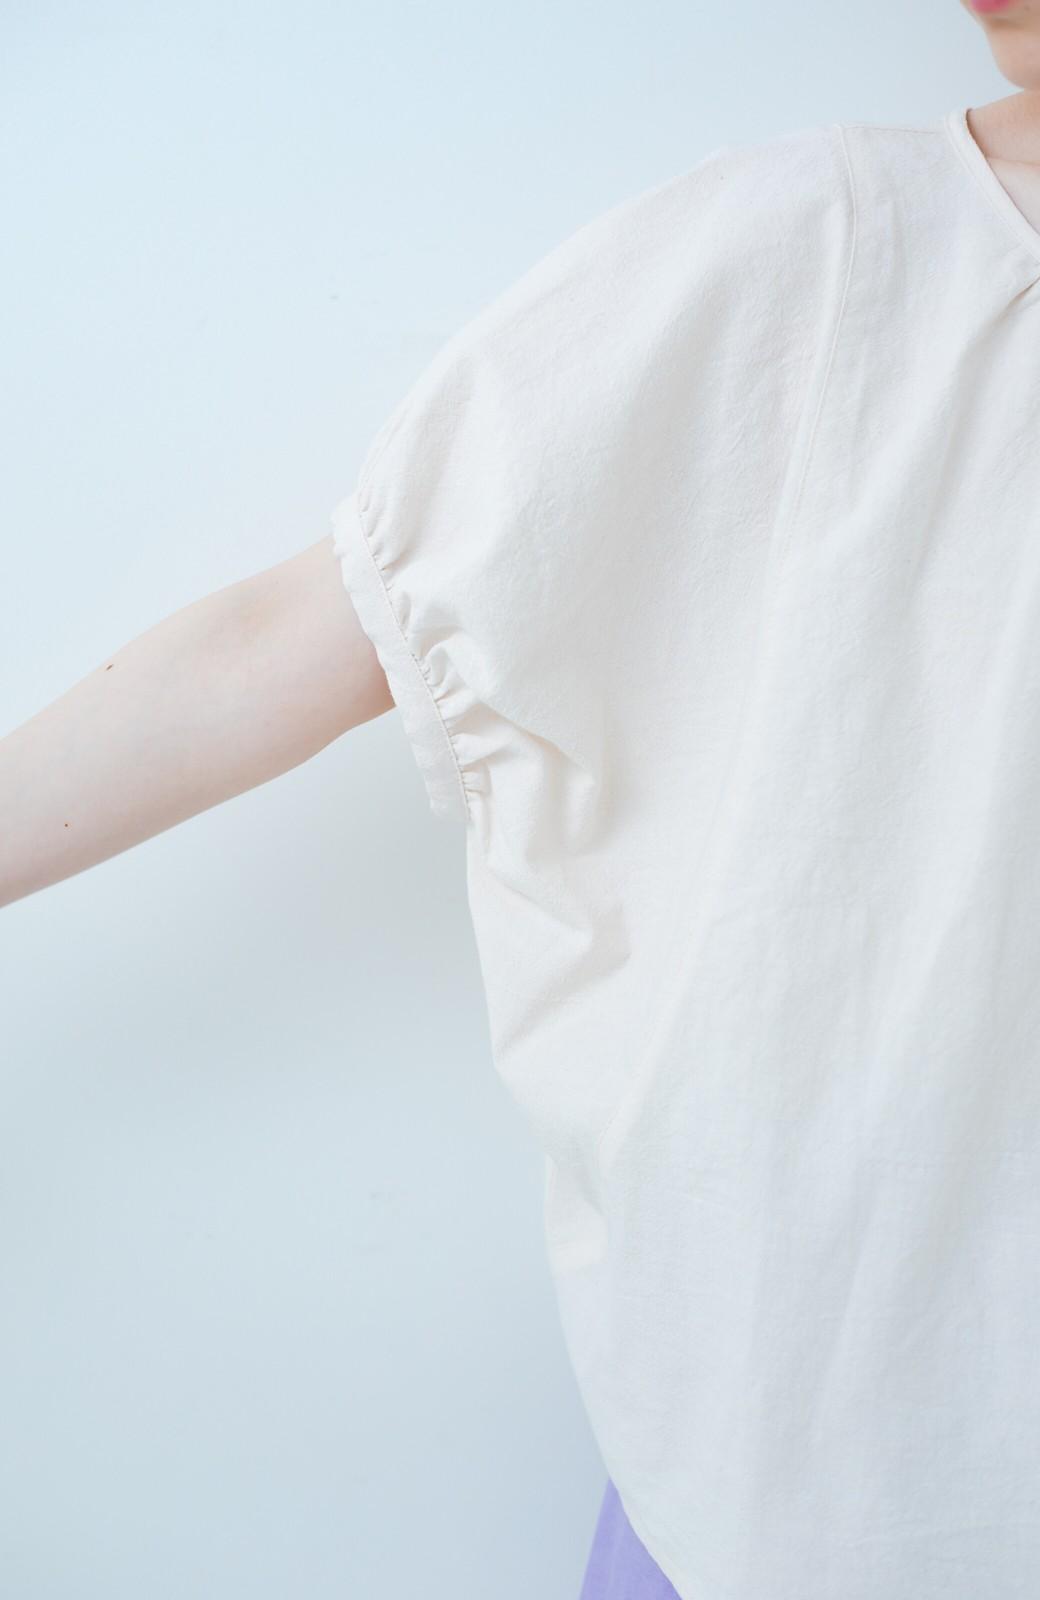 haco! PBP minne作家 シマヅカオリさんと作ったオーガニックコットンの綿麻ブラウス&猫とリボンの刺繍ワッペンセット by haco!×minne one+more project  <ライトベージュ>の商品写真4